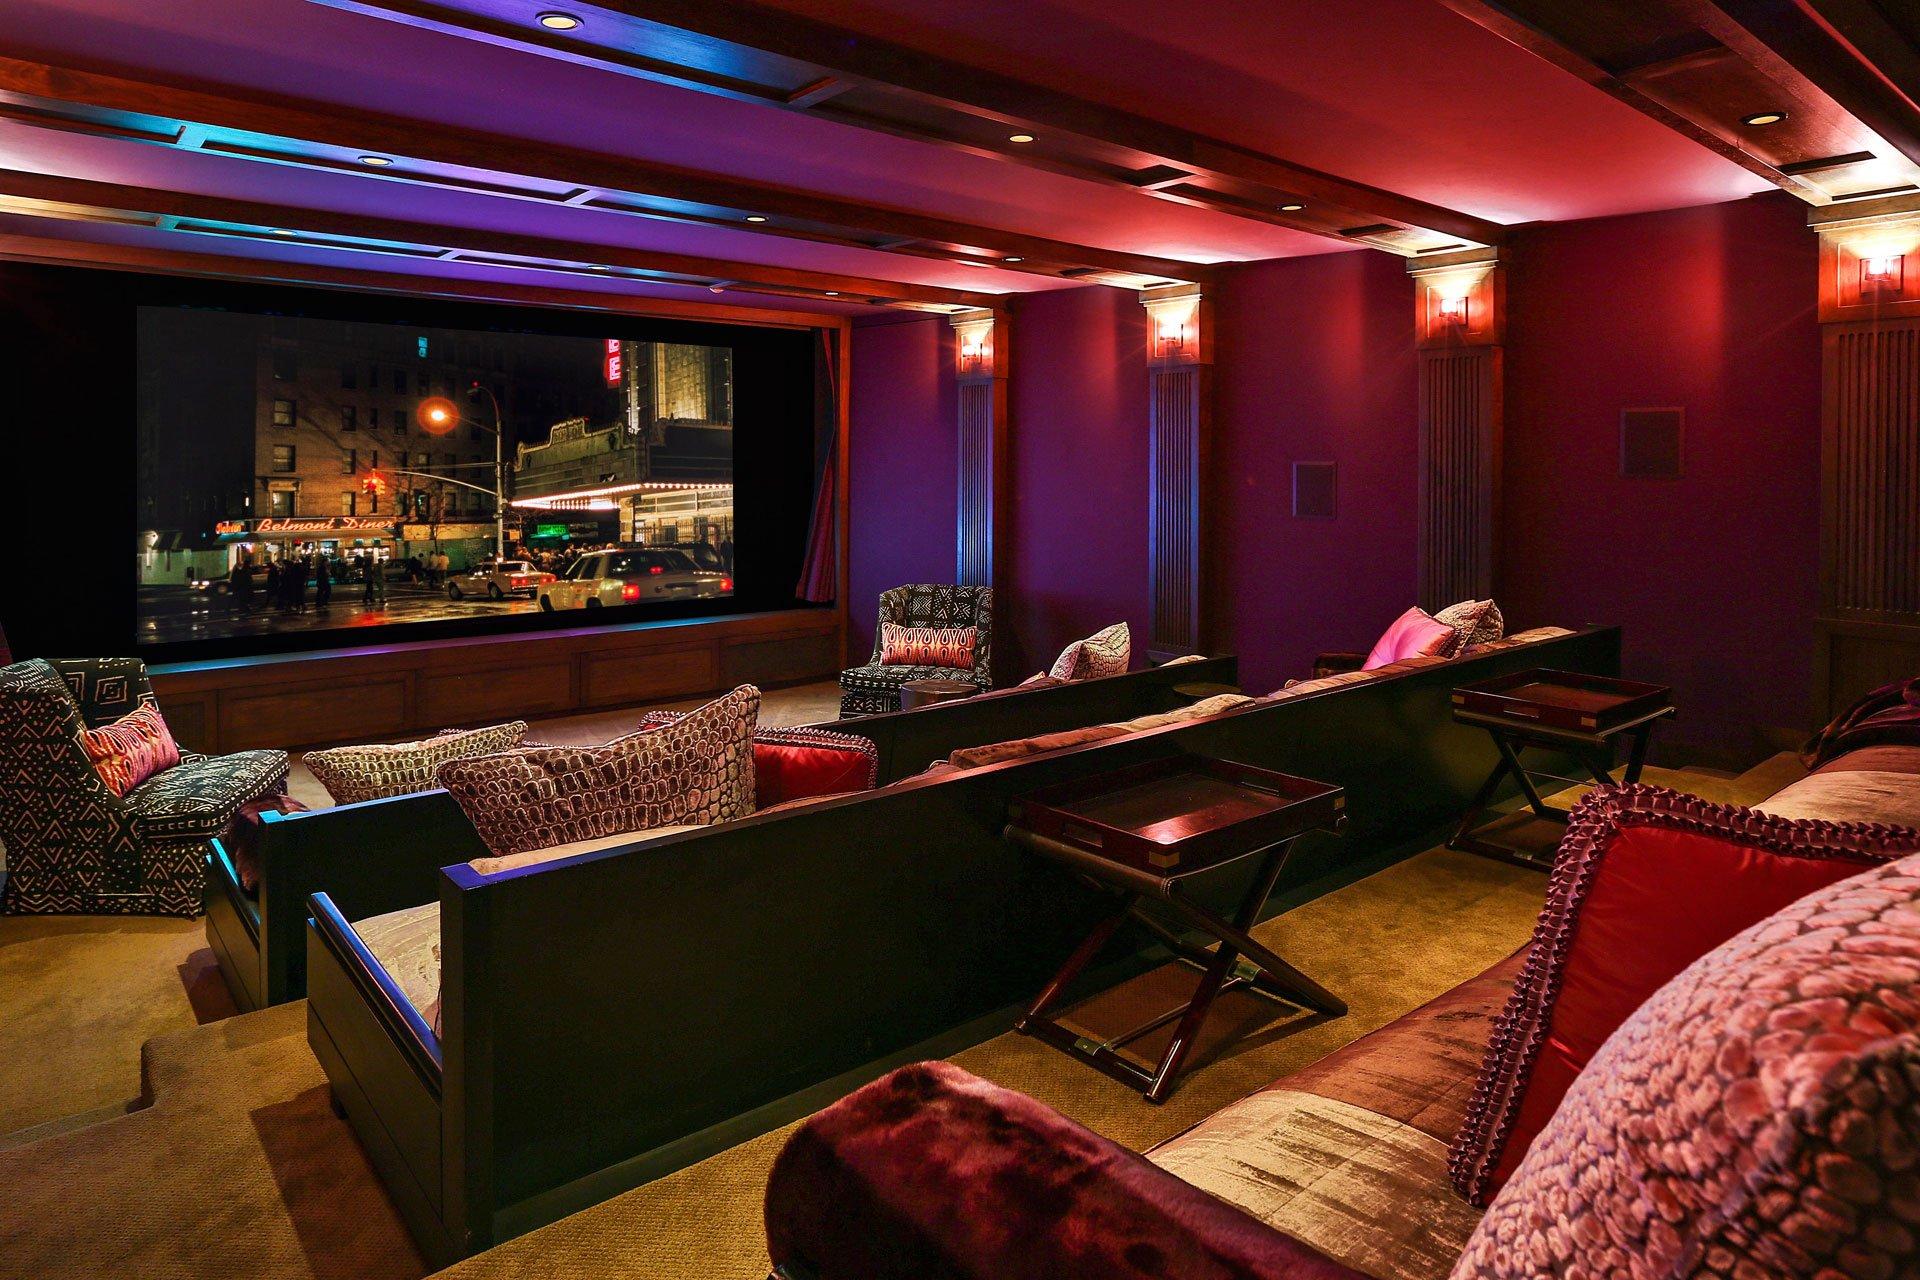 La sala de cine. Los cómodos sofás invitarán a sentarse plácidamente para disfrutar de una película. Tiene capacidad para 30 personas